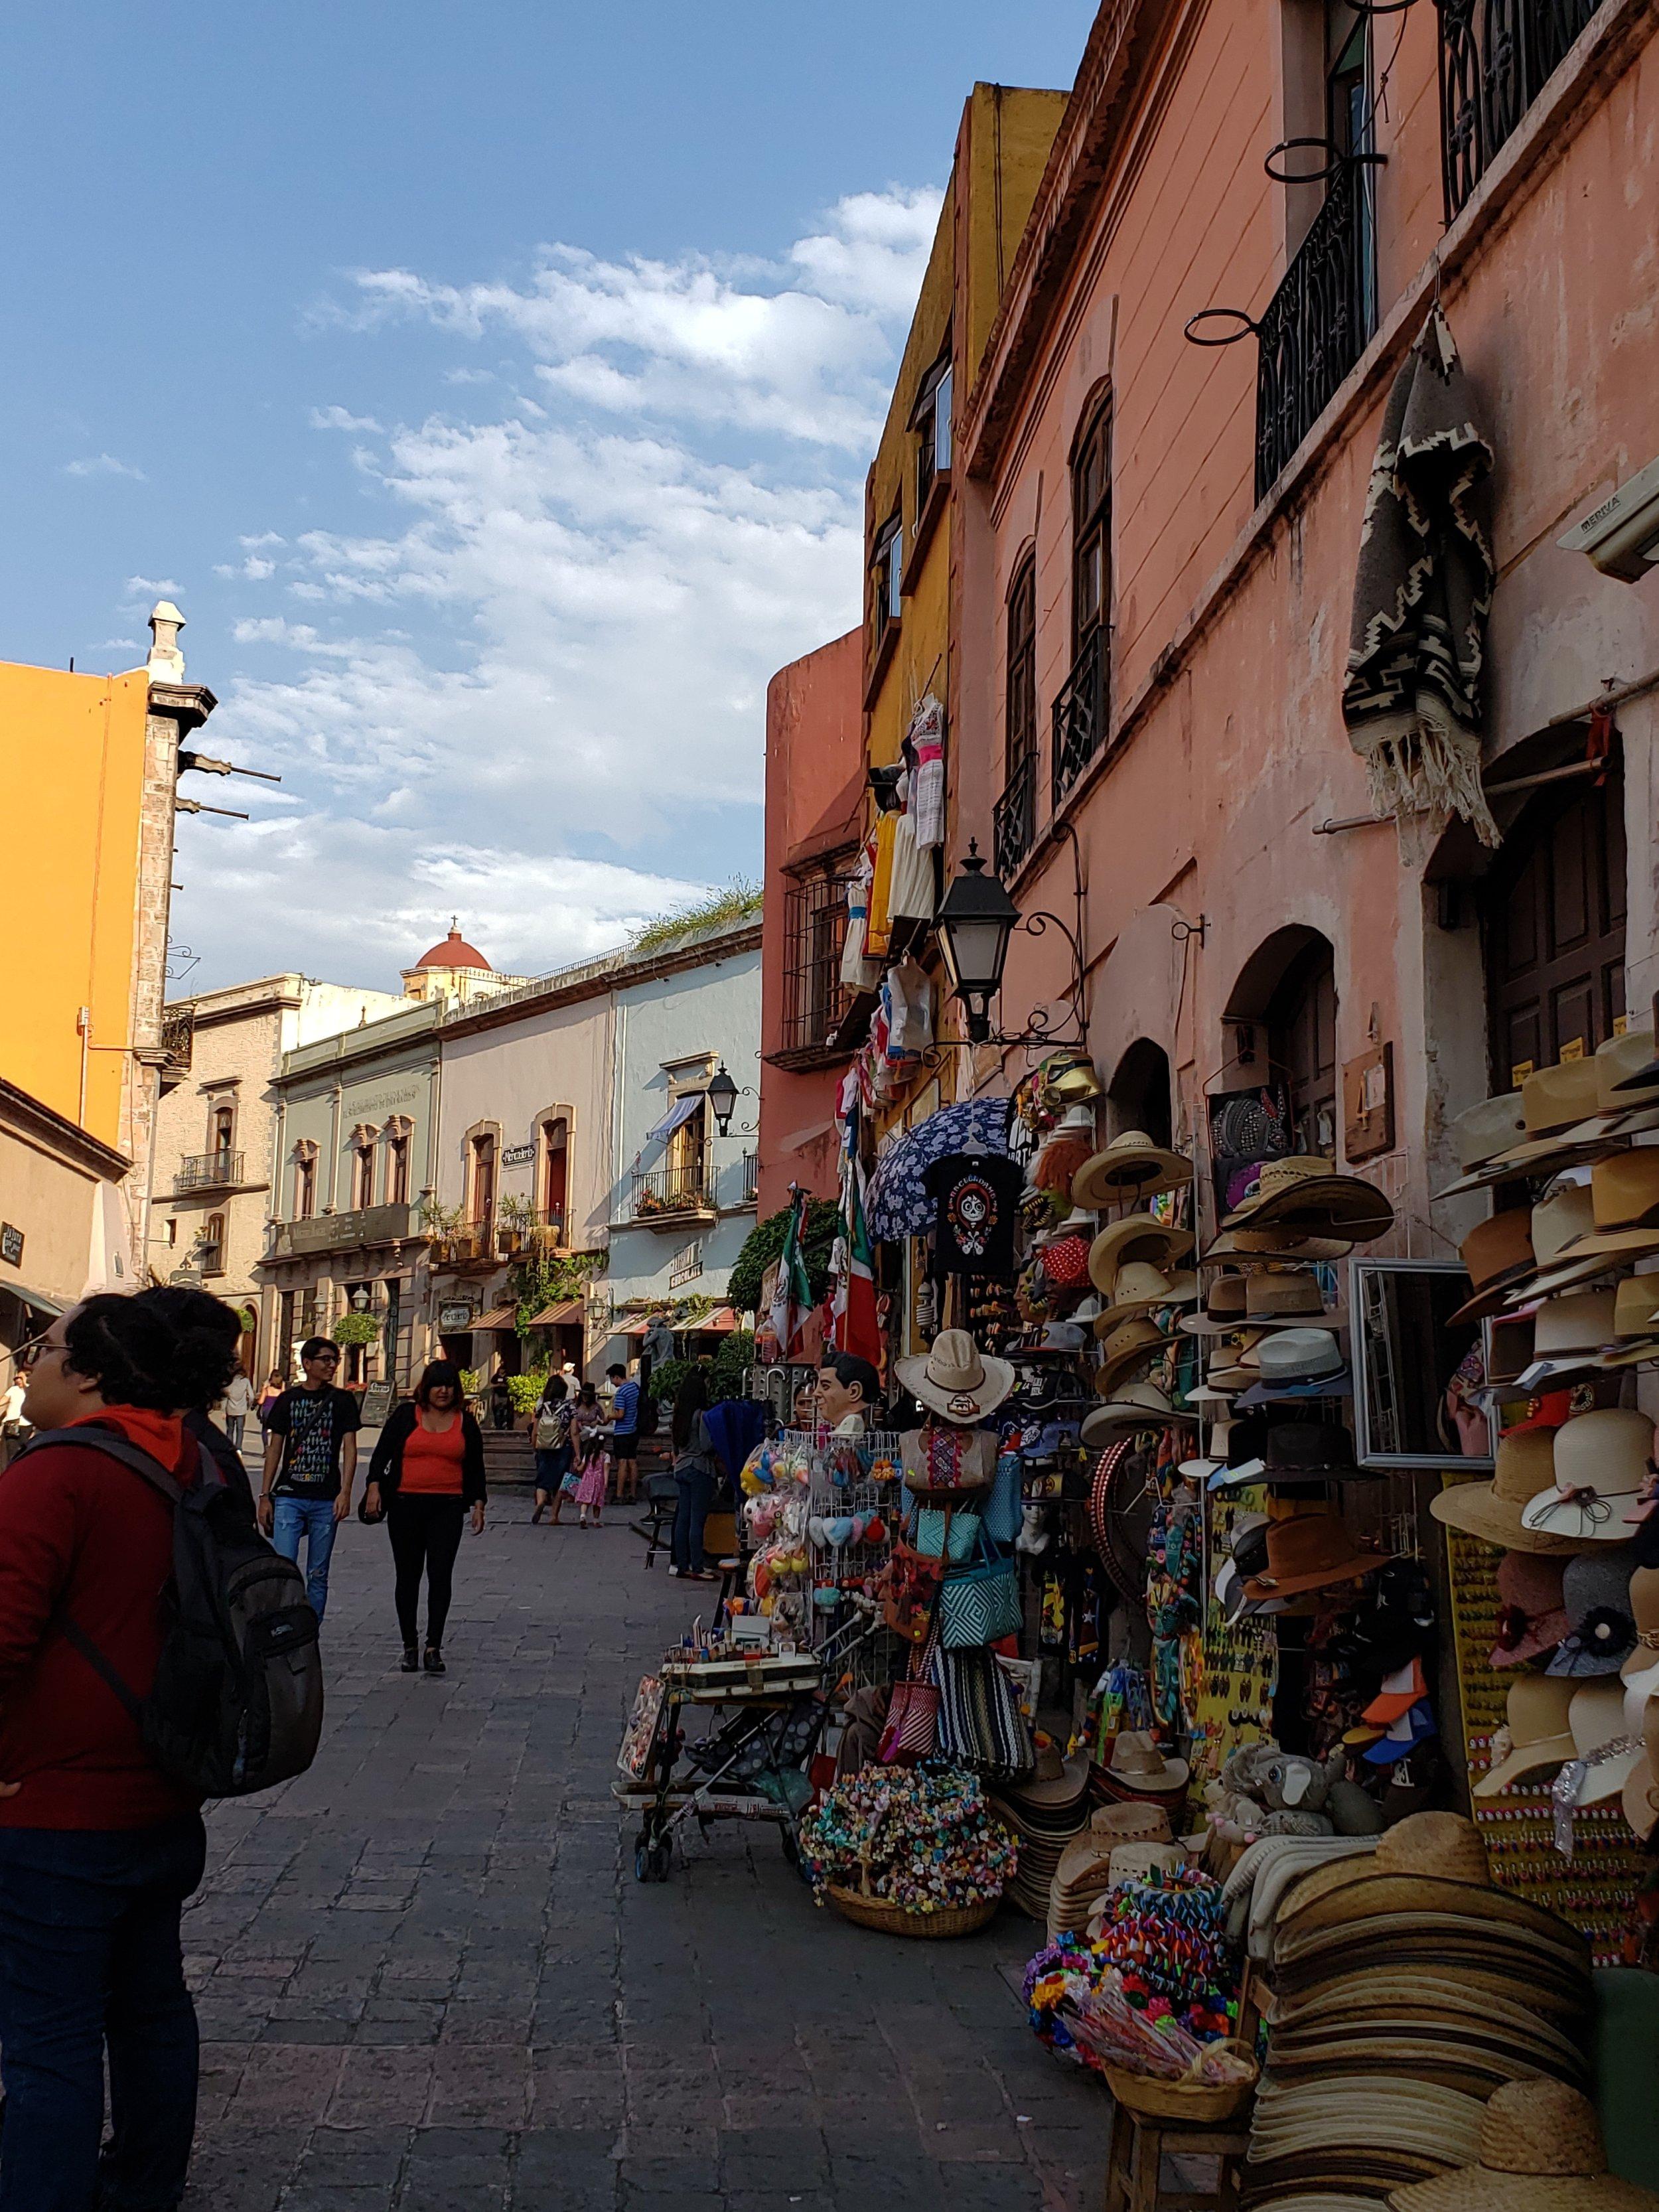 Street scene in Gueretero